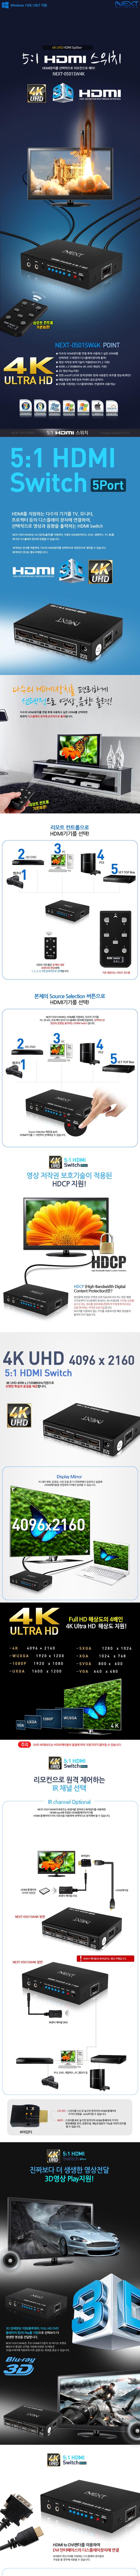 이지넷유비쿼터스 넥스트 5:1 HDMI 스위치 (NEXT-0501SW4K)